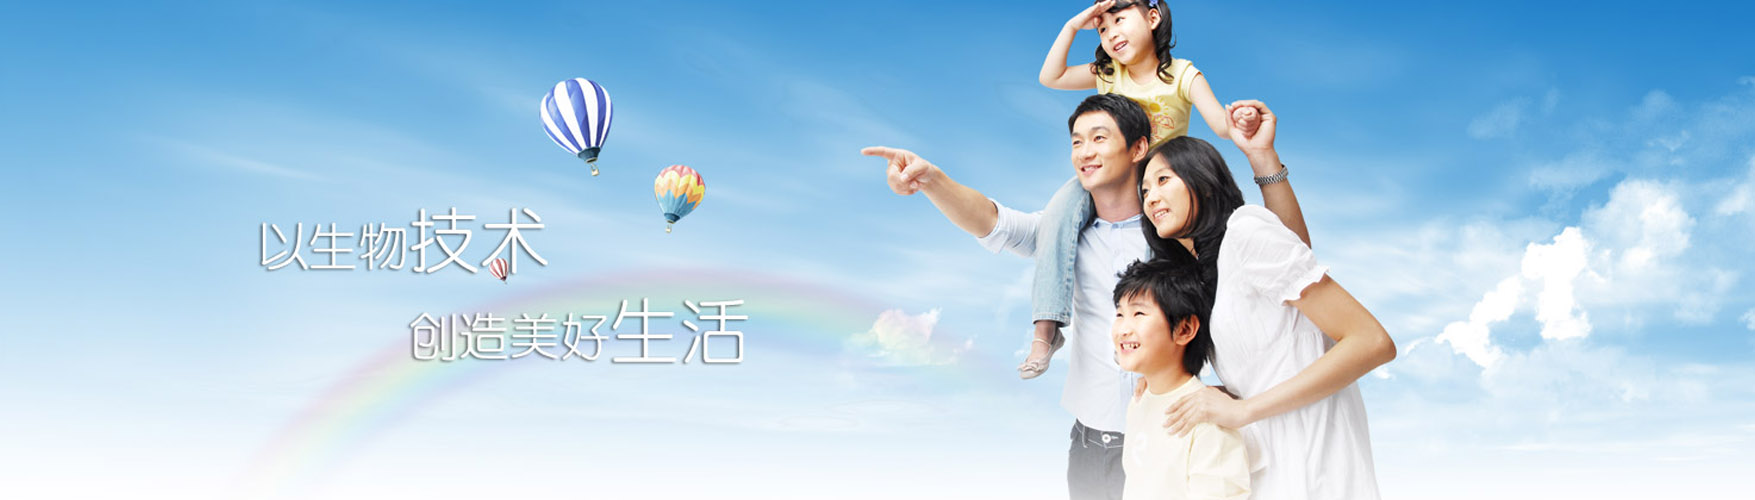 坤阳糖业banner图